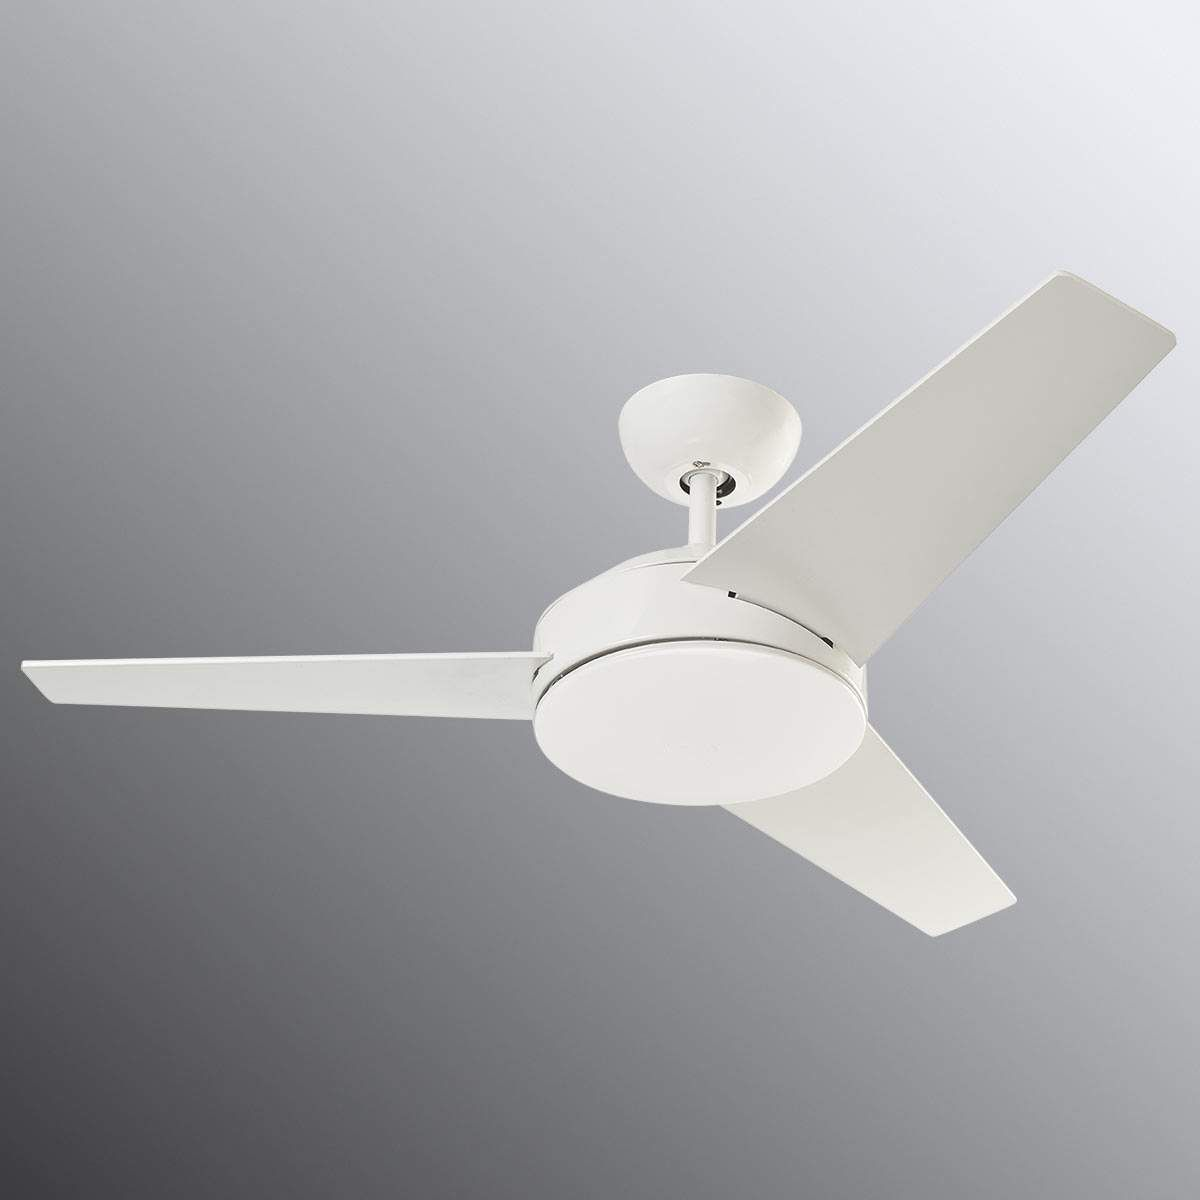 Moderner Deckenventilatoren Mit Beleuchtung Windy Von Leds C4 Braun Deckenventilator Ventilator Und Led Lampe